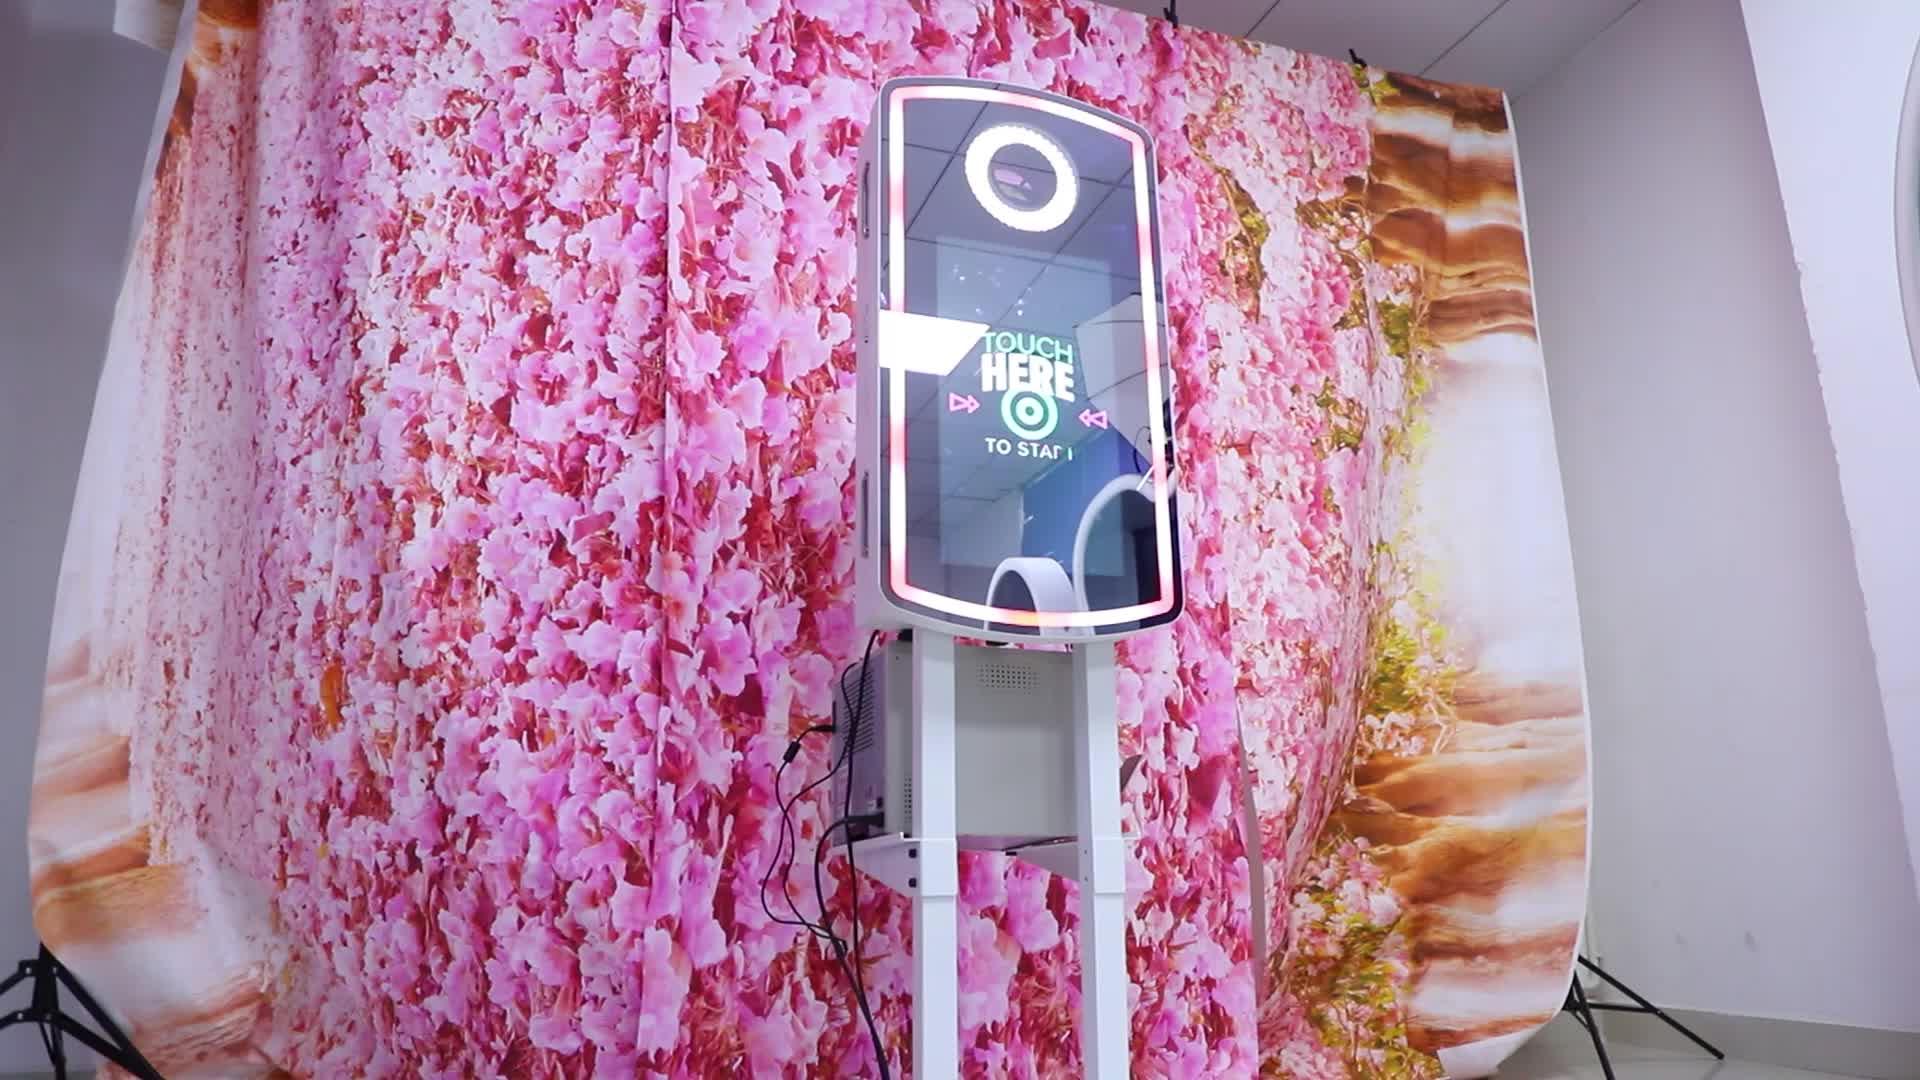 Đám Cưới Màn Hình Cảm Ứng Kiosk Ảnh Tự Sướng Miroir Kiosk Máy Ma Thuật Gương Props Photobooth 360 Ảnh Gian Hàng